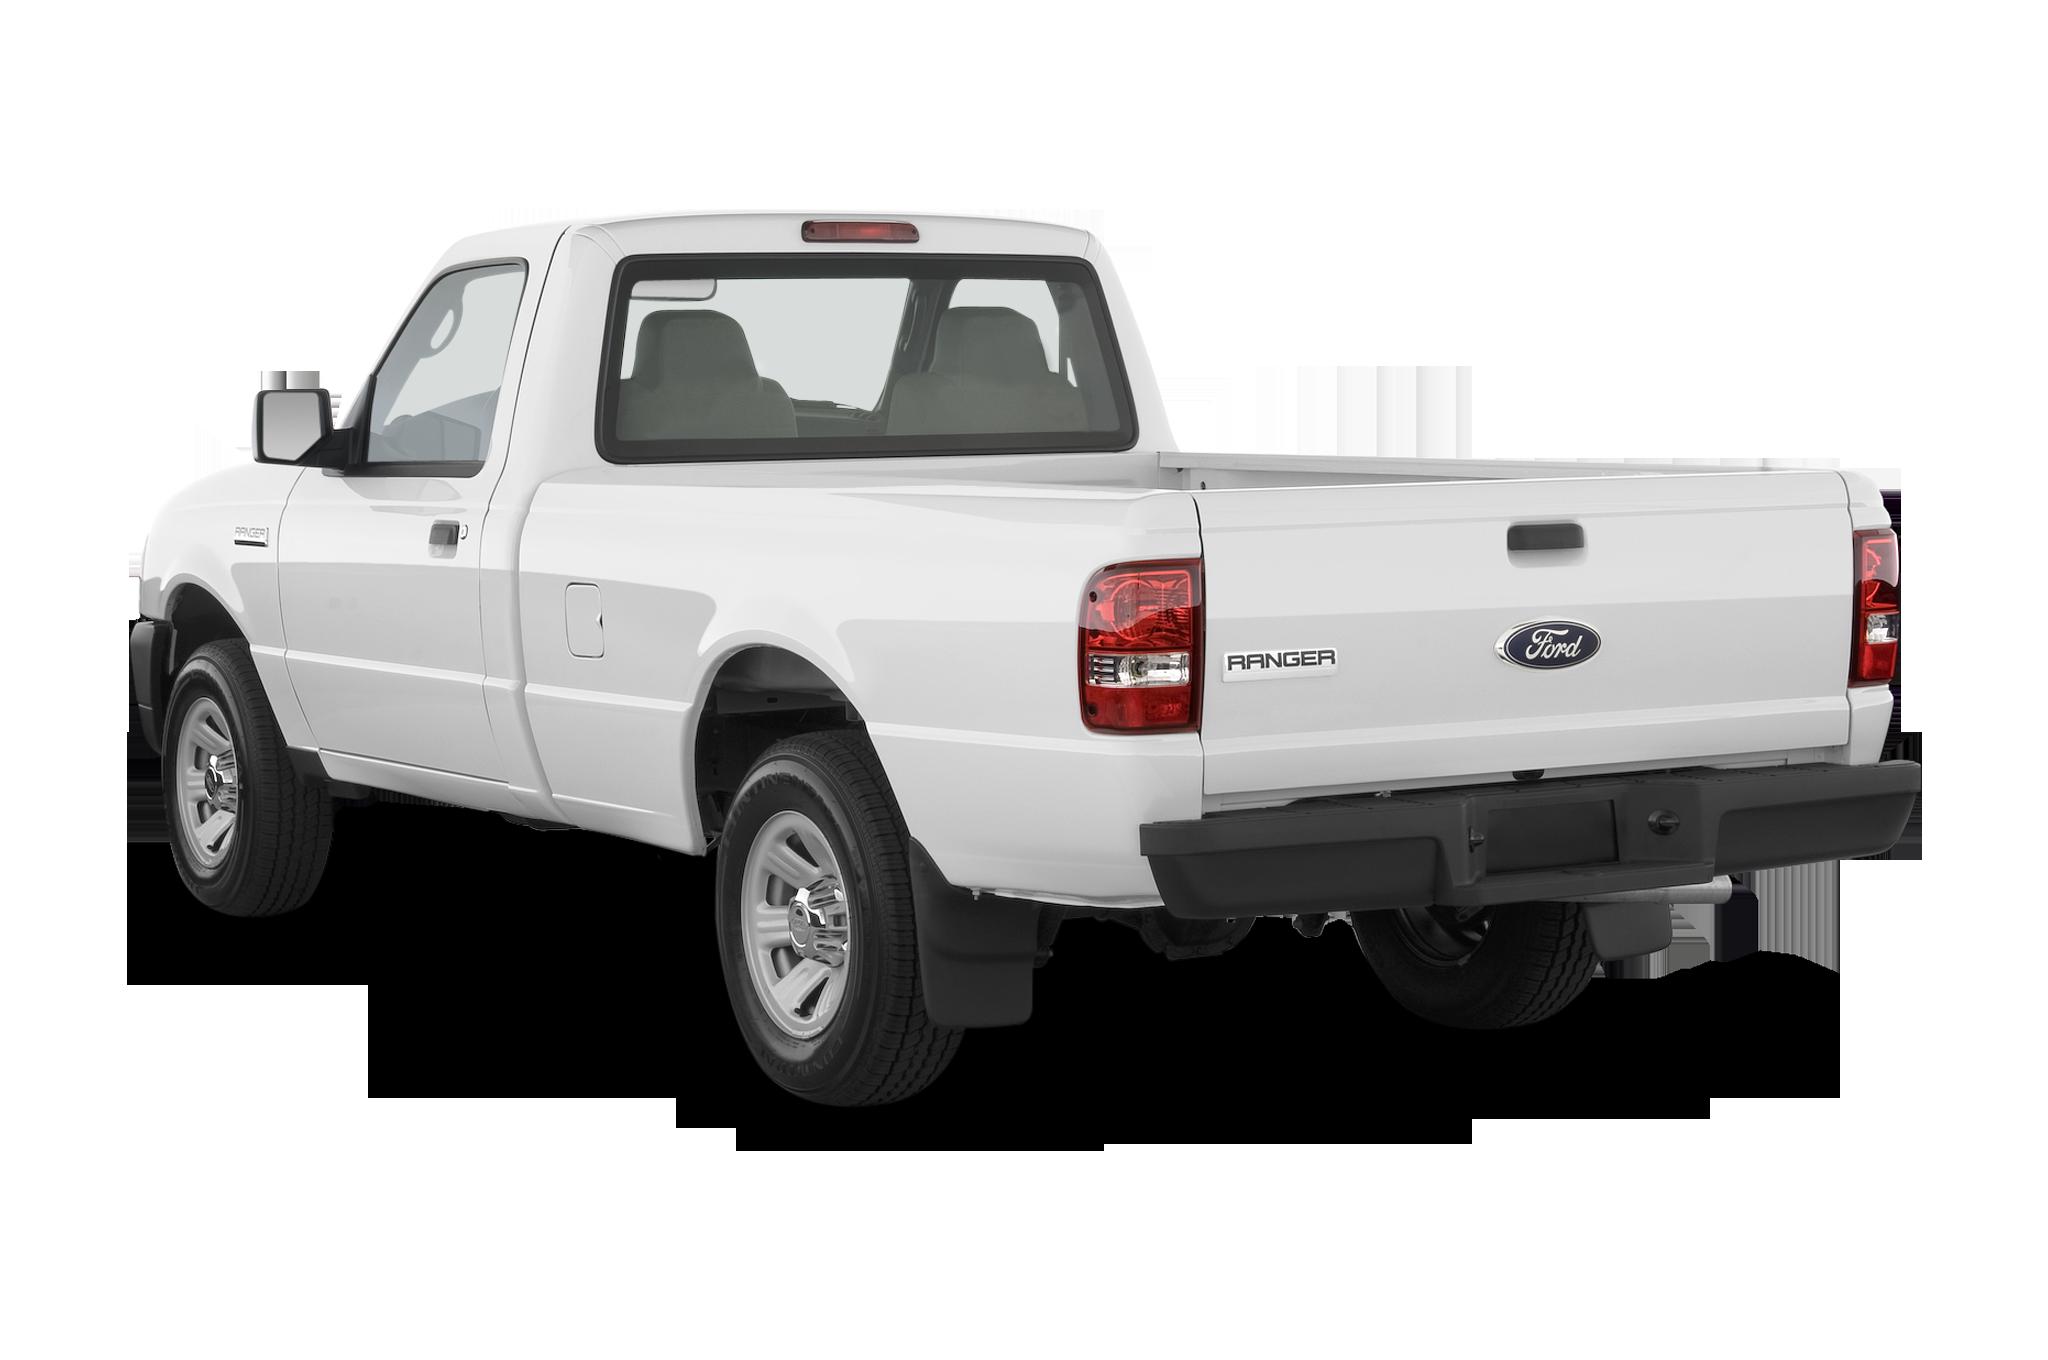 Ford Ranger III 2011 - 2015 Pickup #1